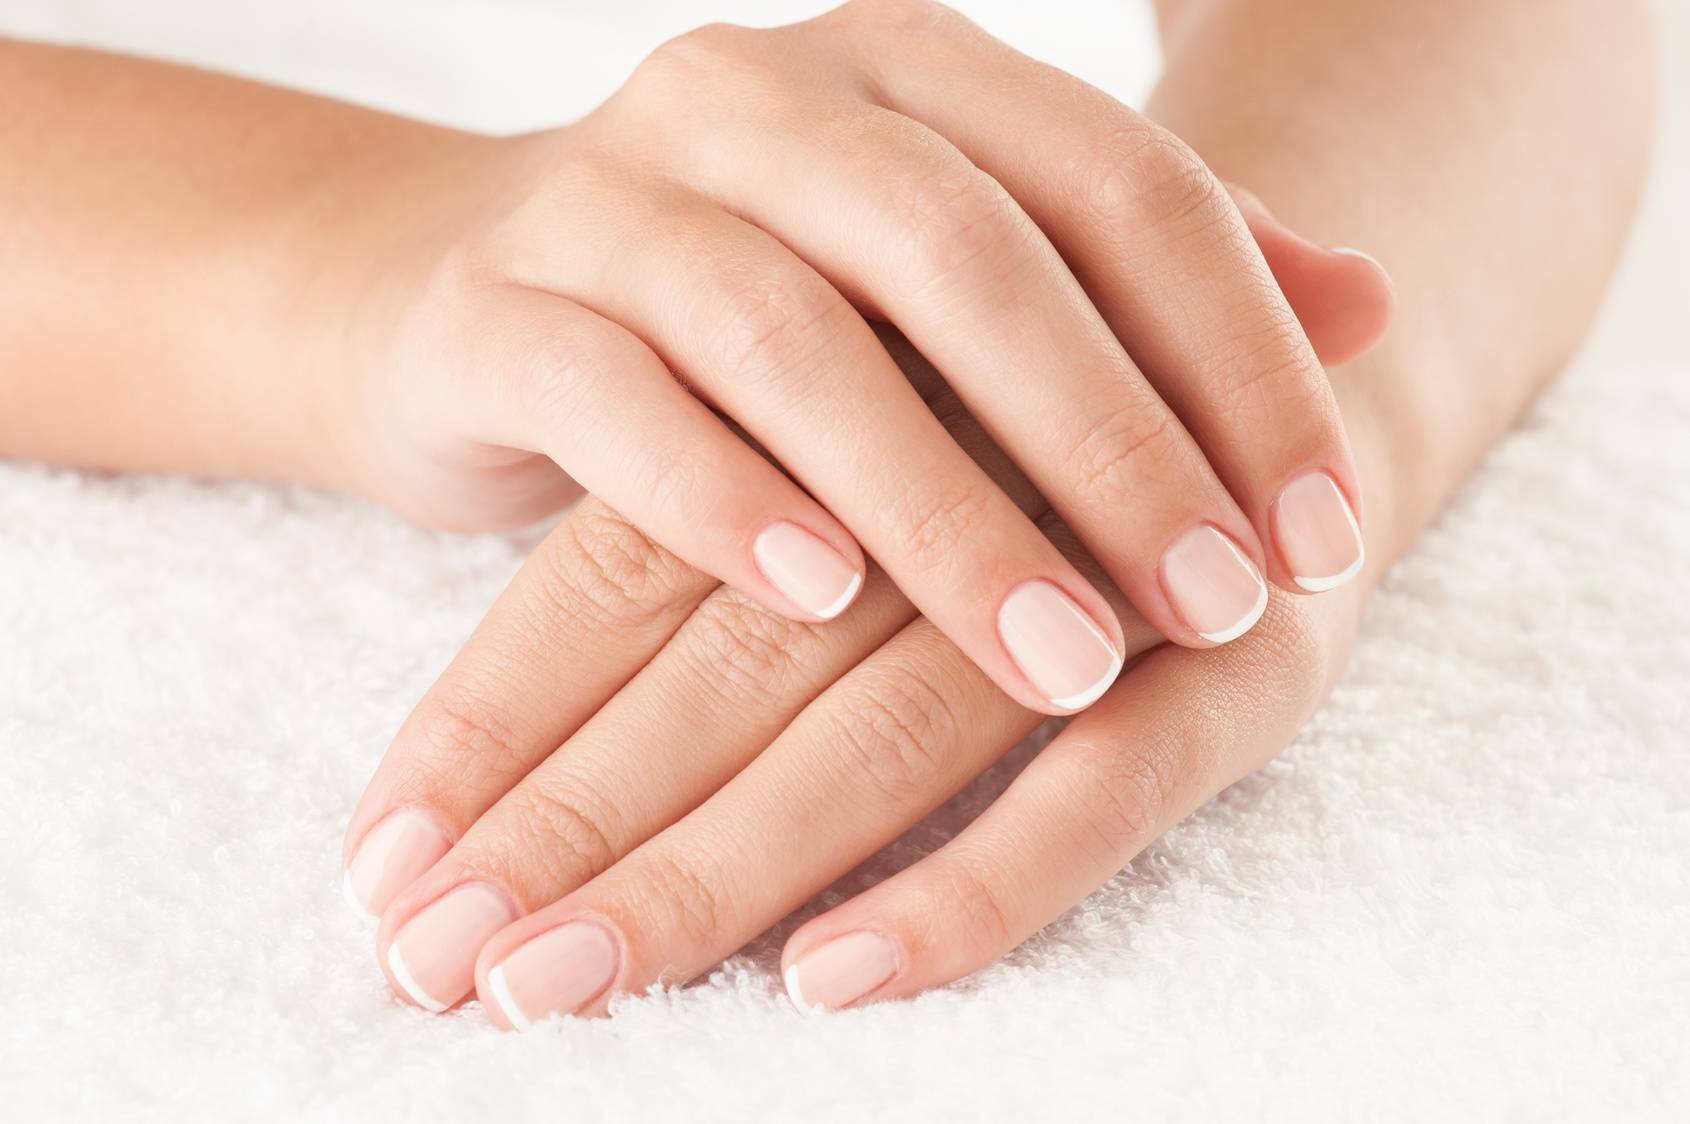 ffebb03dd27f98 Jak powinny wyglądać zdrowe paznokcie? O czym świadczy wygląd paznokci?